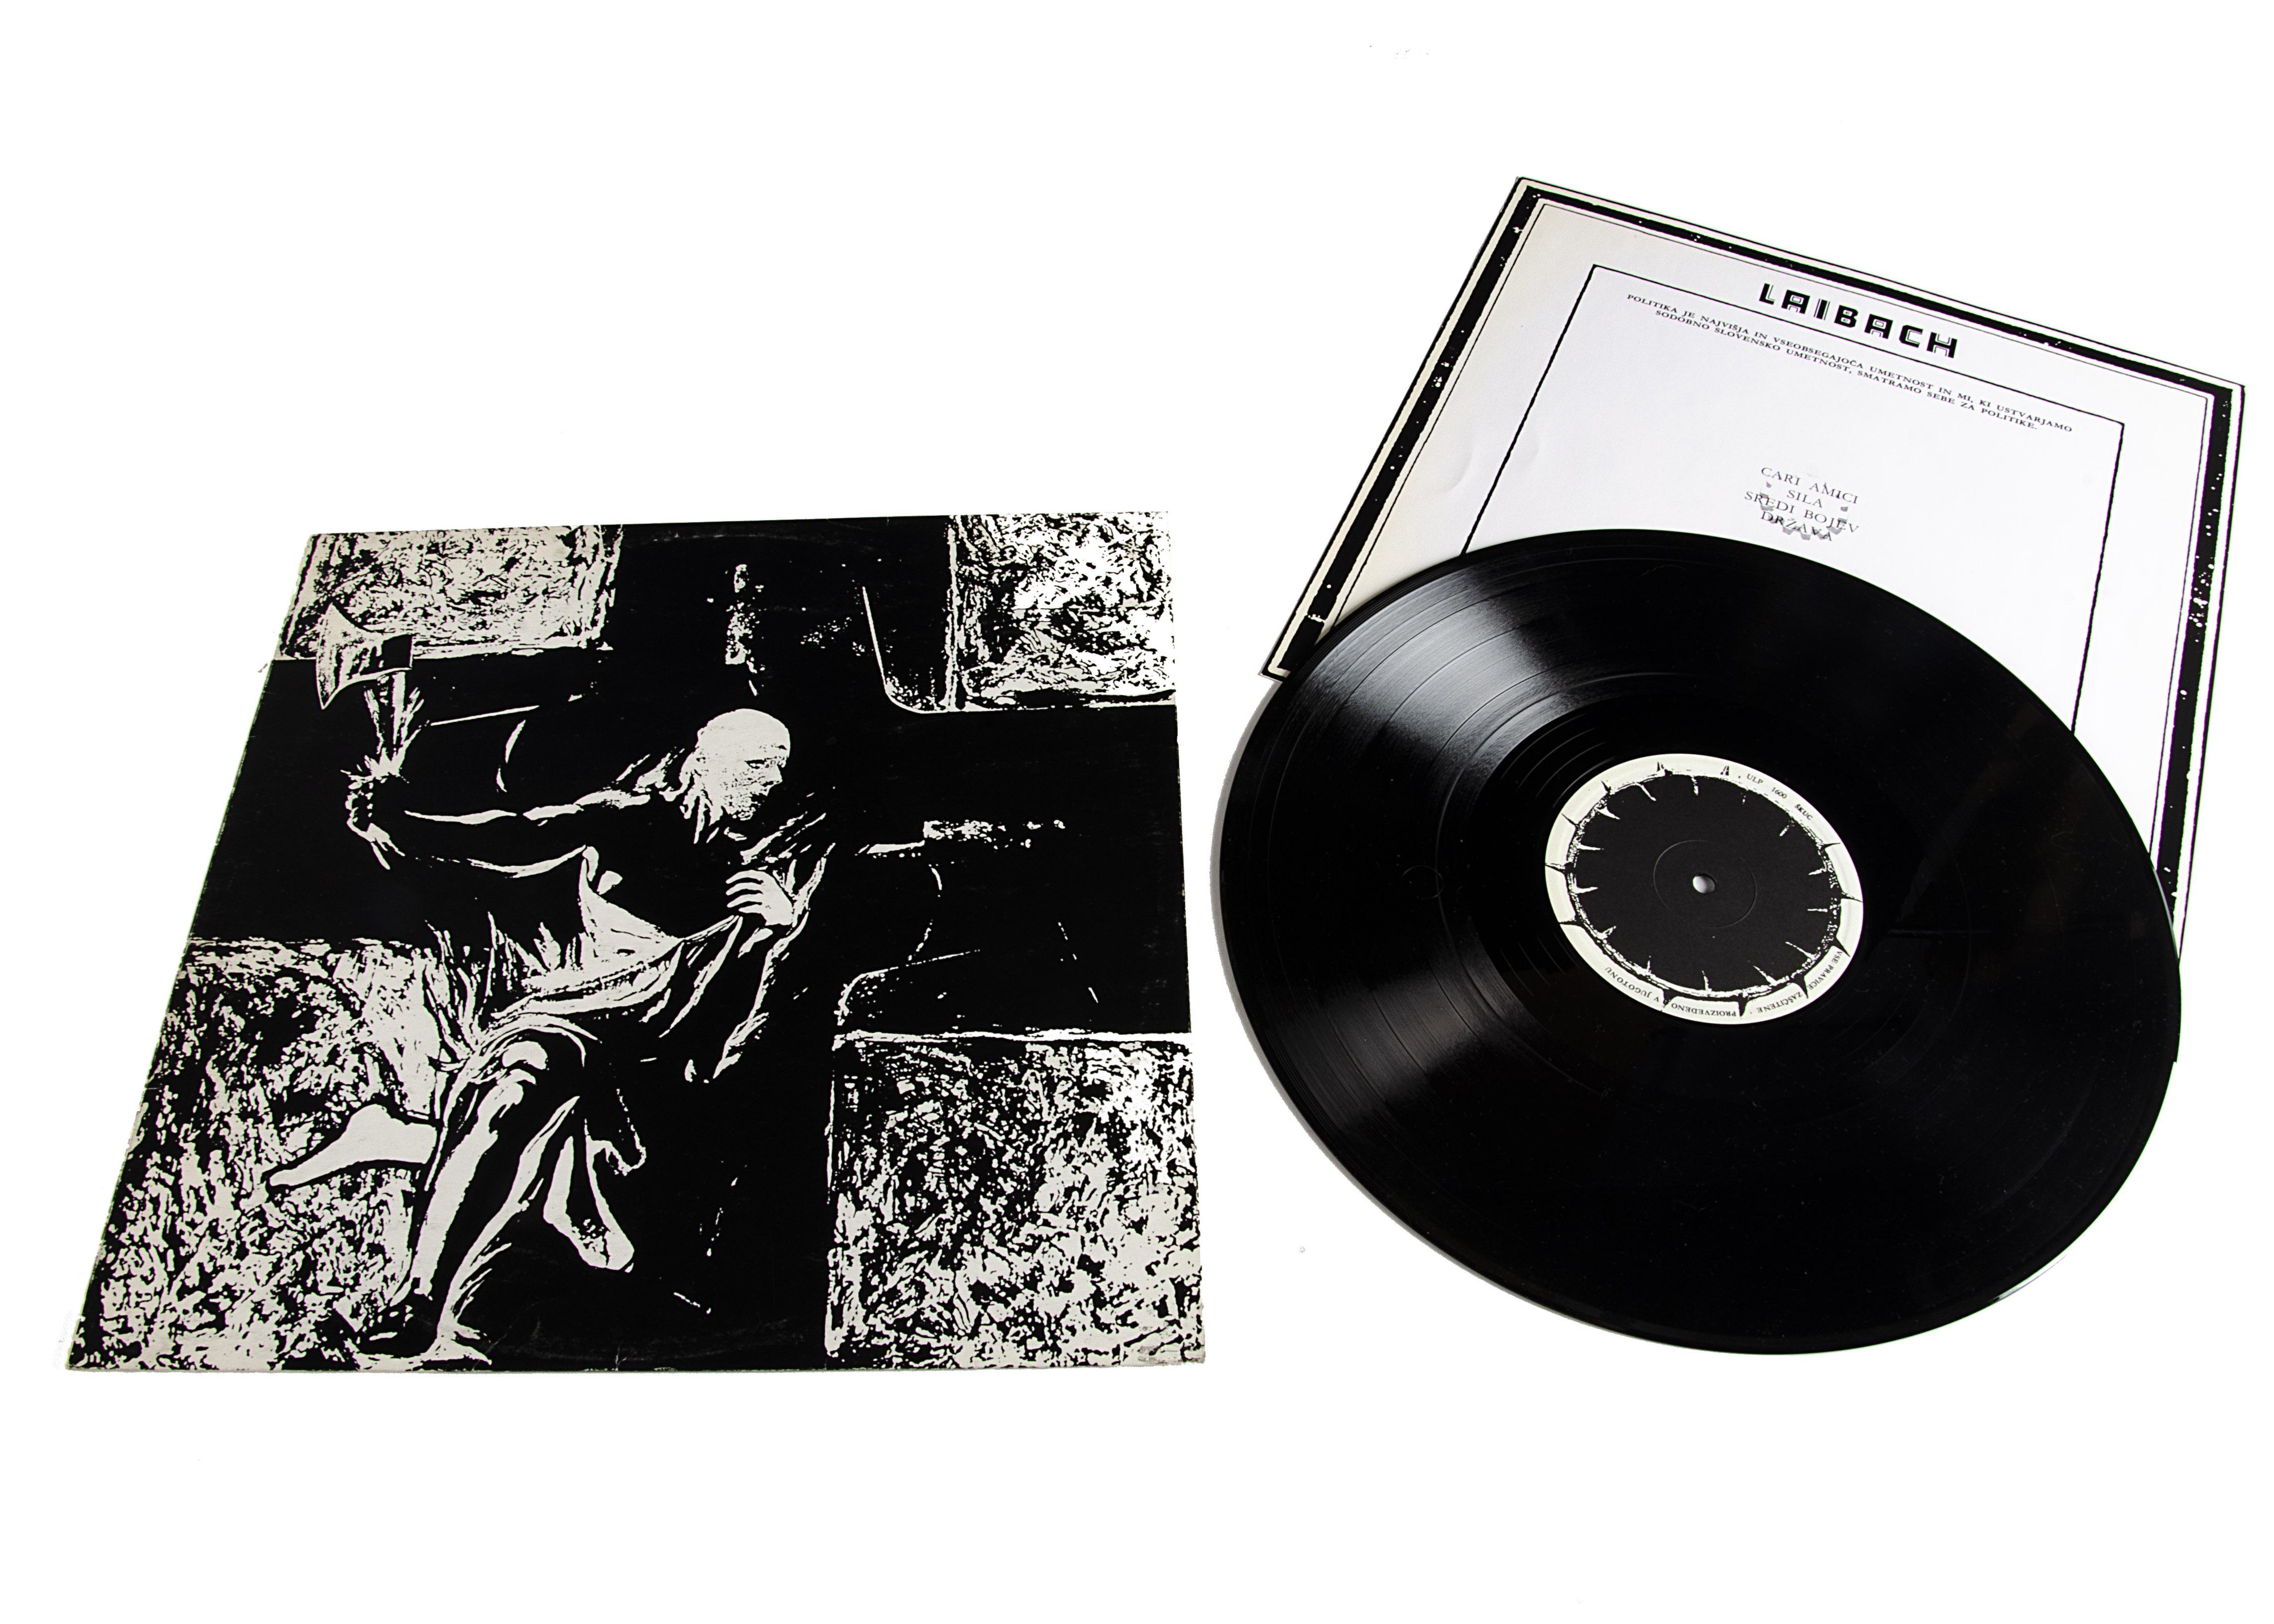 Laibach LP, Laibach LP - original Yugoslavian release 1980 on SCUK (ULP 1600) - with original Insert